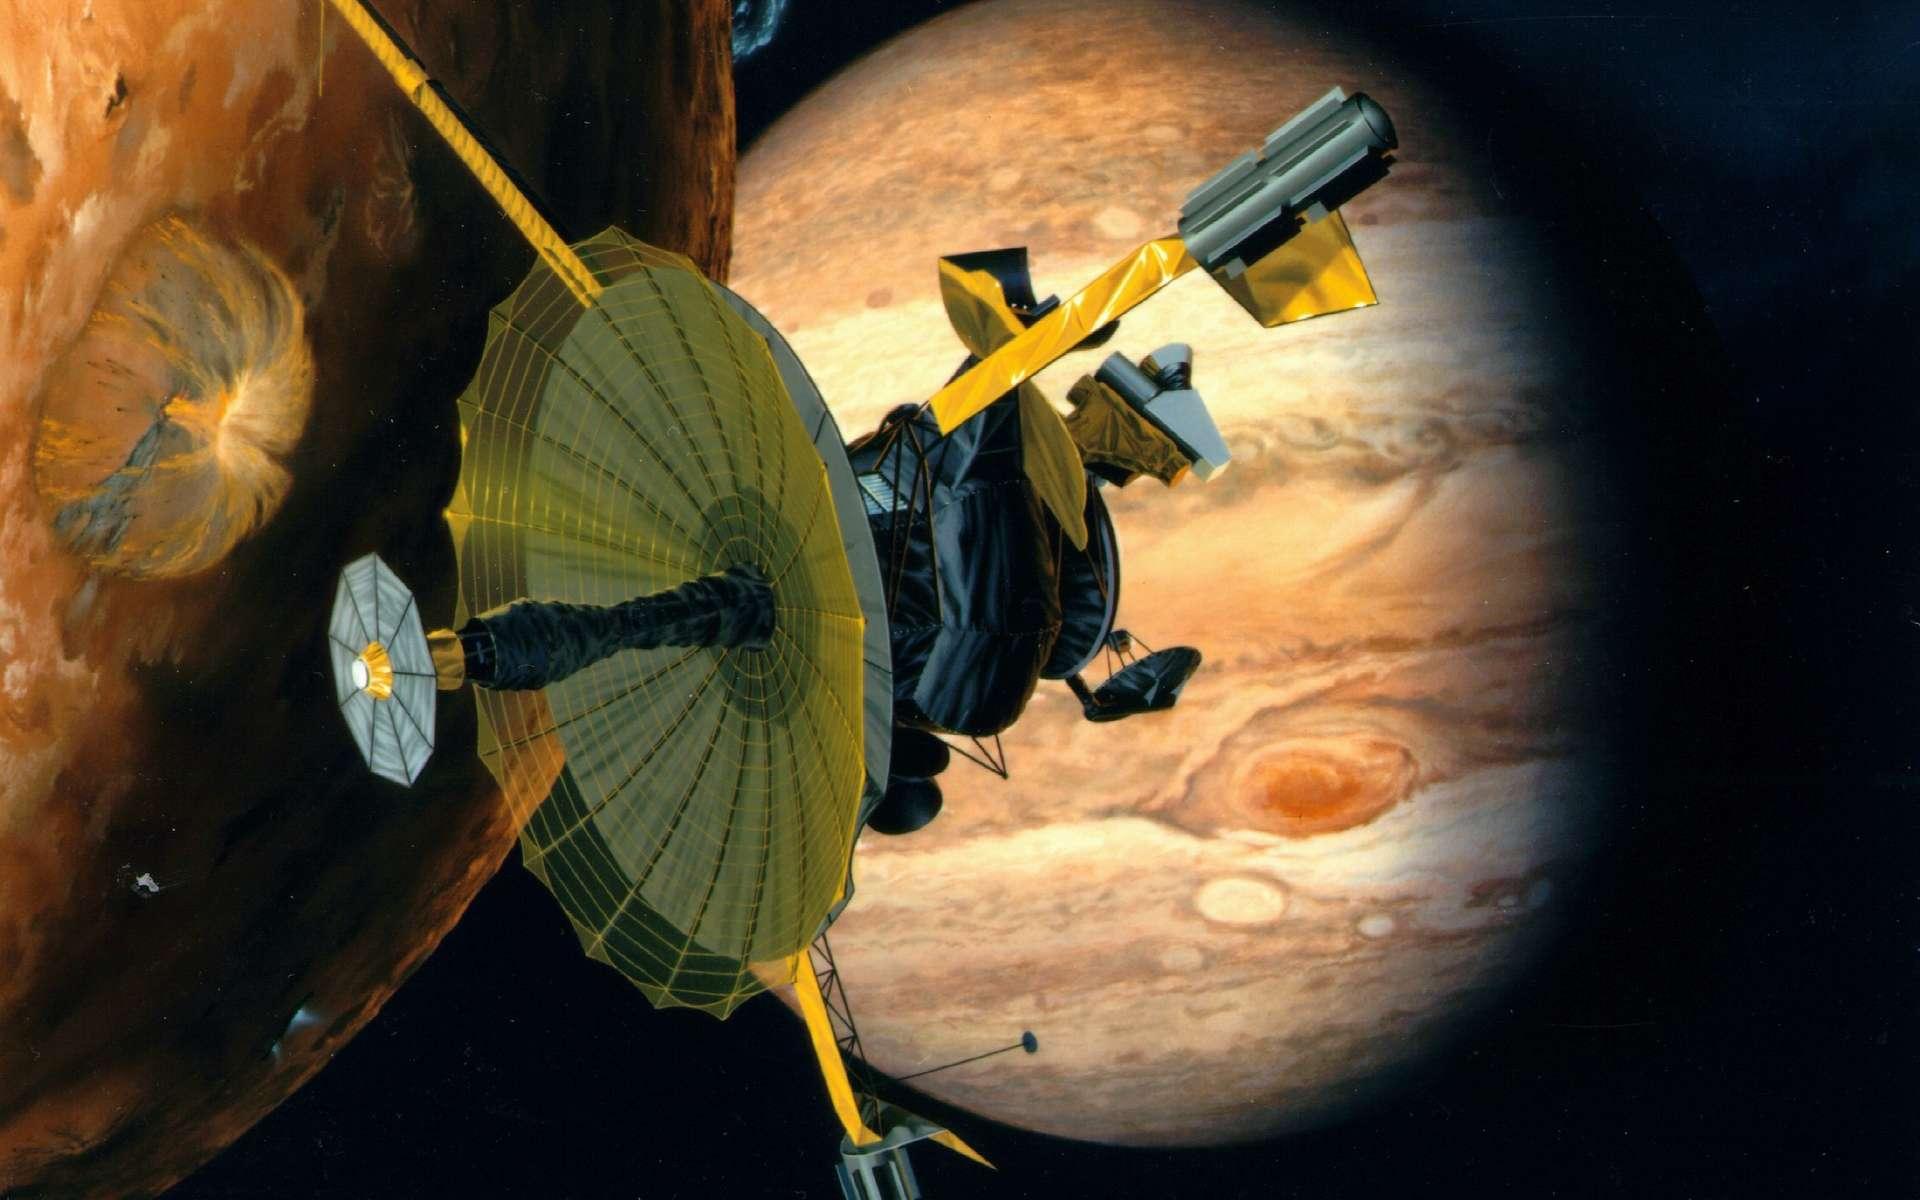 Galileo est lancée le 18 octobre 1989 par la navette spatiale américaine Atlantis. Après un voyage de six ans, au cours duquel elle a recours à l'assistance gravitationnelle de la Terre à deux reprises et à celle de Vénus, la sonde se place en orbite autour de Jupiter le 7 décembre 1995. Elle circule sur une orbite de deux mois qu'elle parcourt à 35 reprises au cours de la phase scientifique de la mission et qui s'achève après plusieurs prolongations en 2003. Au cours de son voyage vers Jupiter, Galileo effectue un survol rapproché des astéroïdes (951) Gaspra et (243) Ida, et découvre une lune autour de ce dernier, Dactyl. © Nasa, DP